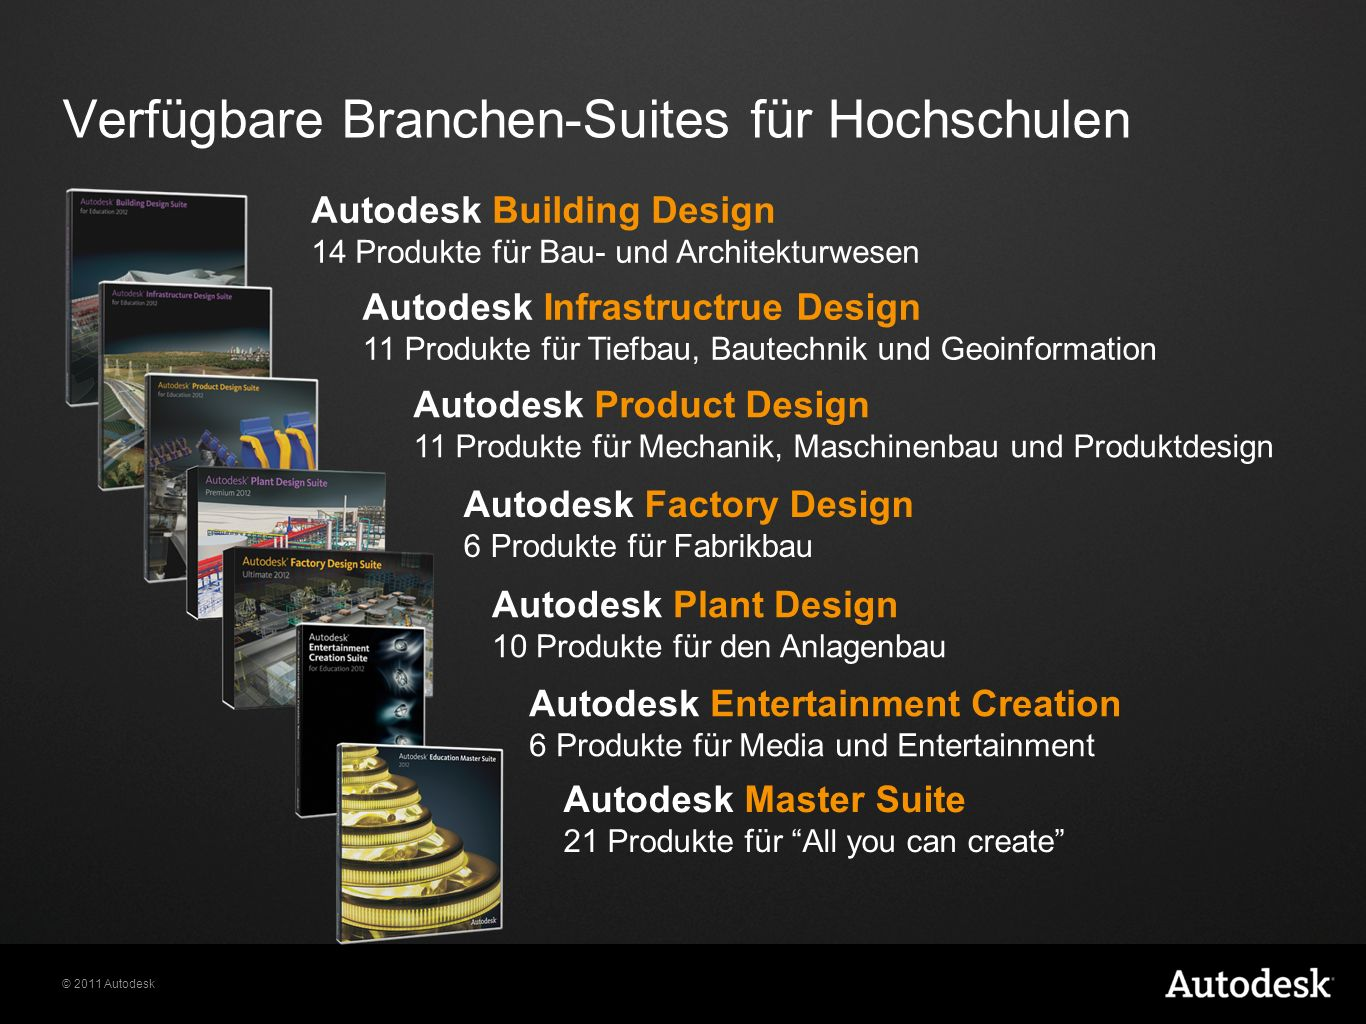 © 2011 Autodesk Verfügbare Branchen-Suites für Hochschulen Autodesk Building Design 14 Produkte für Bau- und Architekturwesen Autodesk Infrastructrue